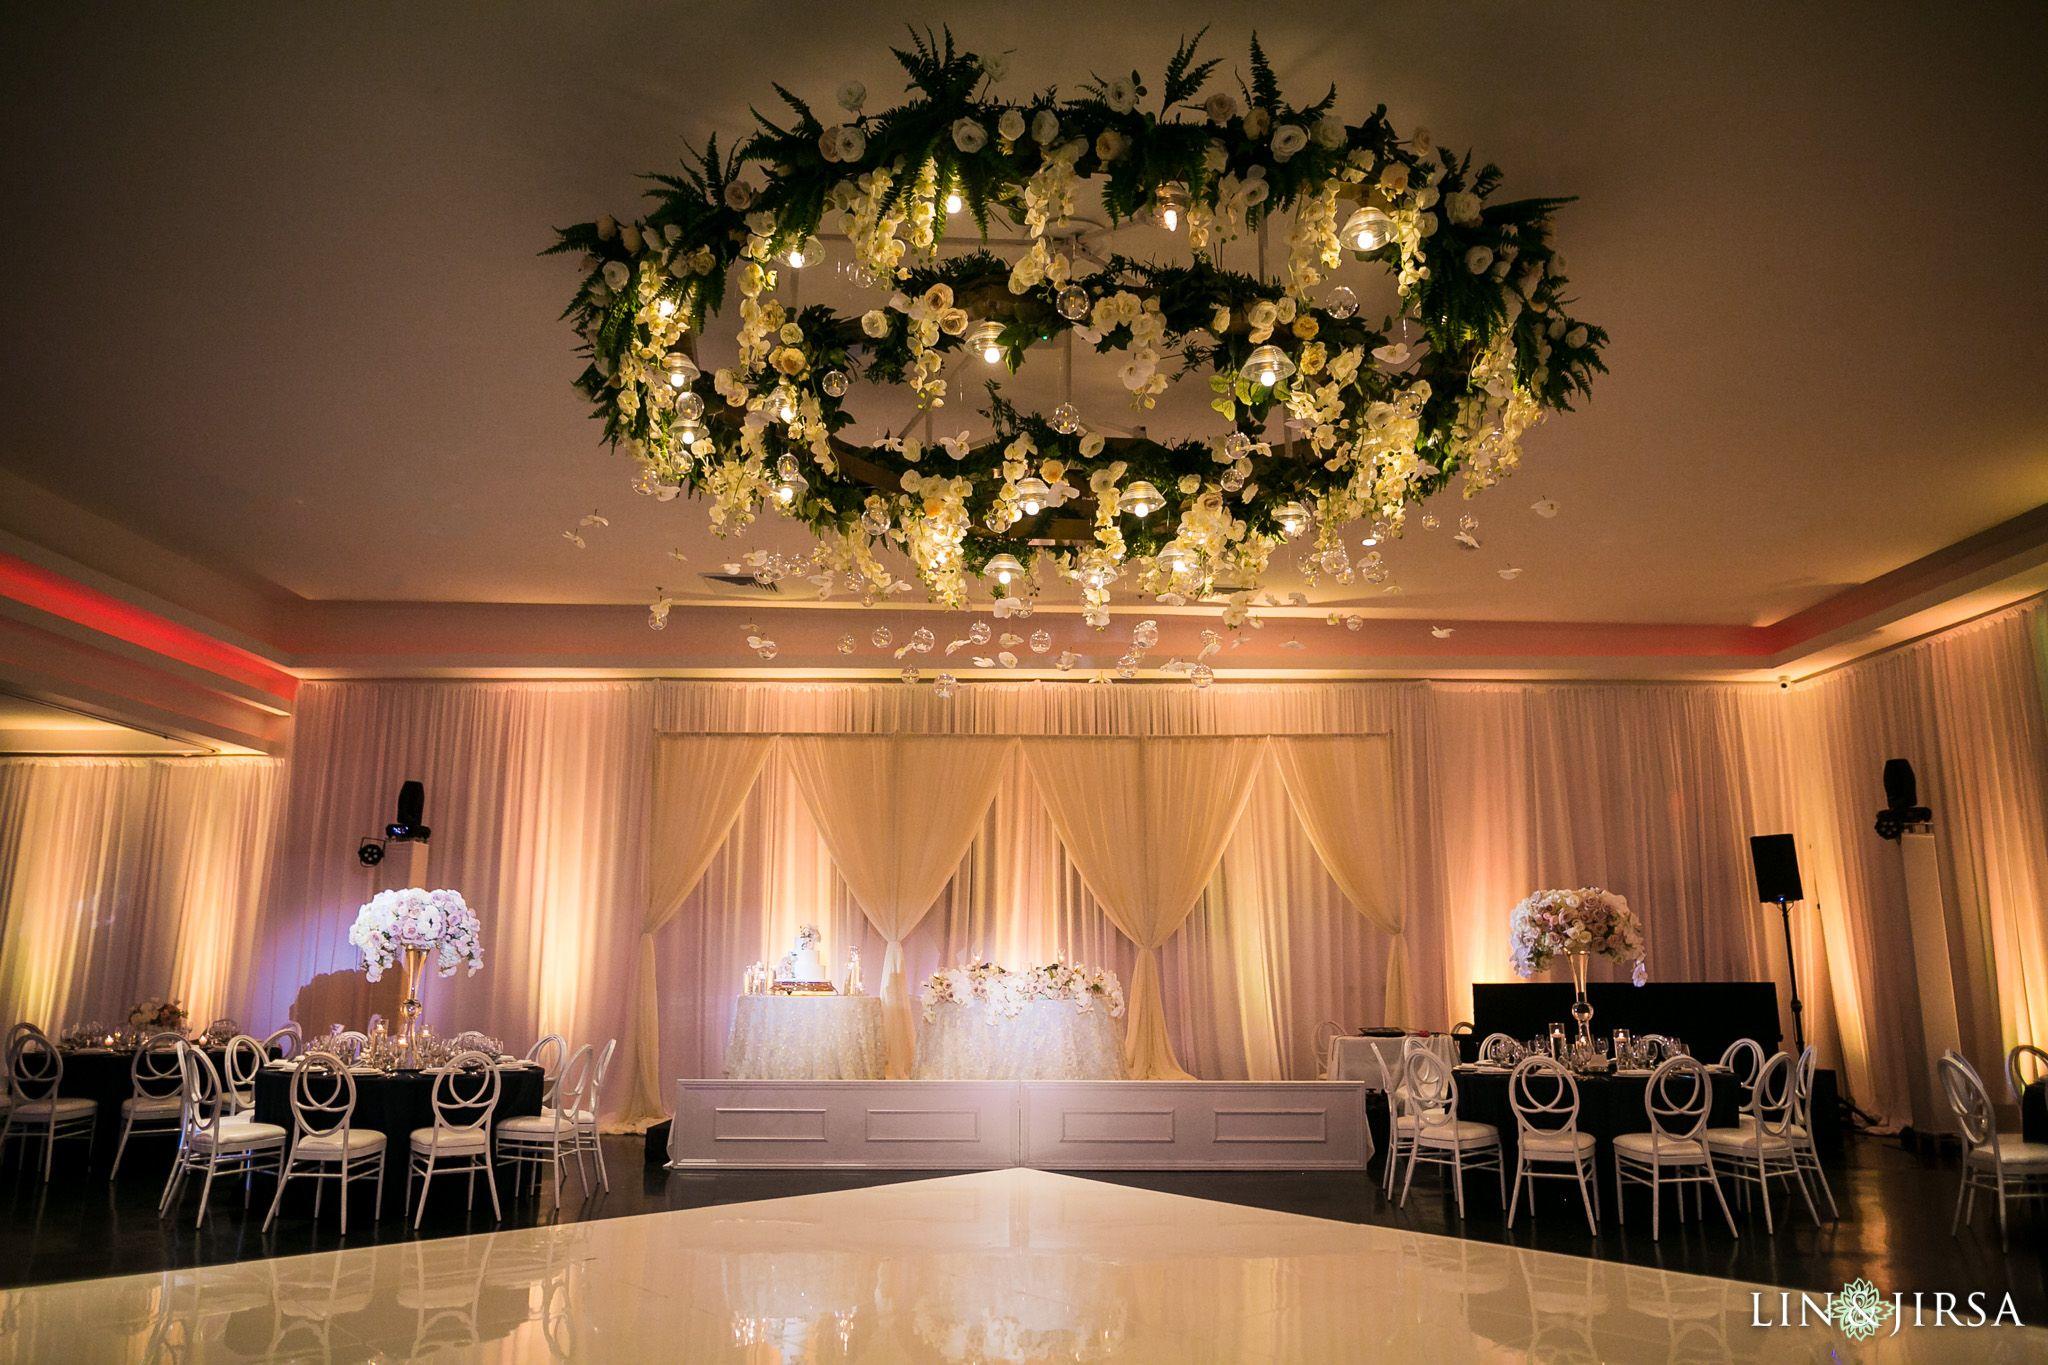 wedding coordinators in orange county ca%0A Venue by Three Petals Wedding